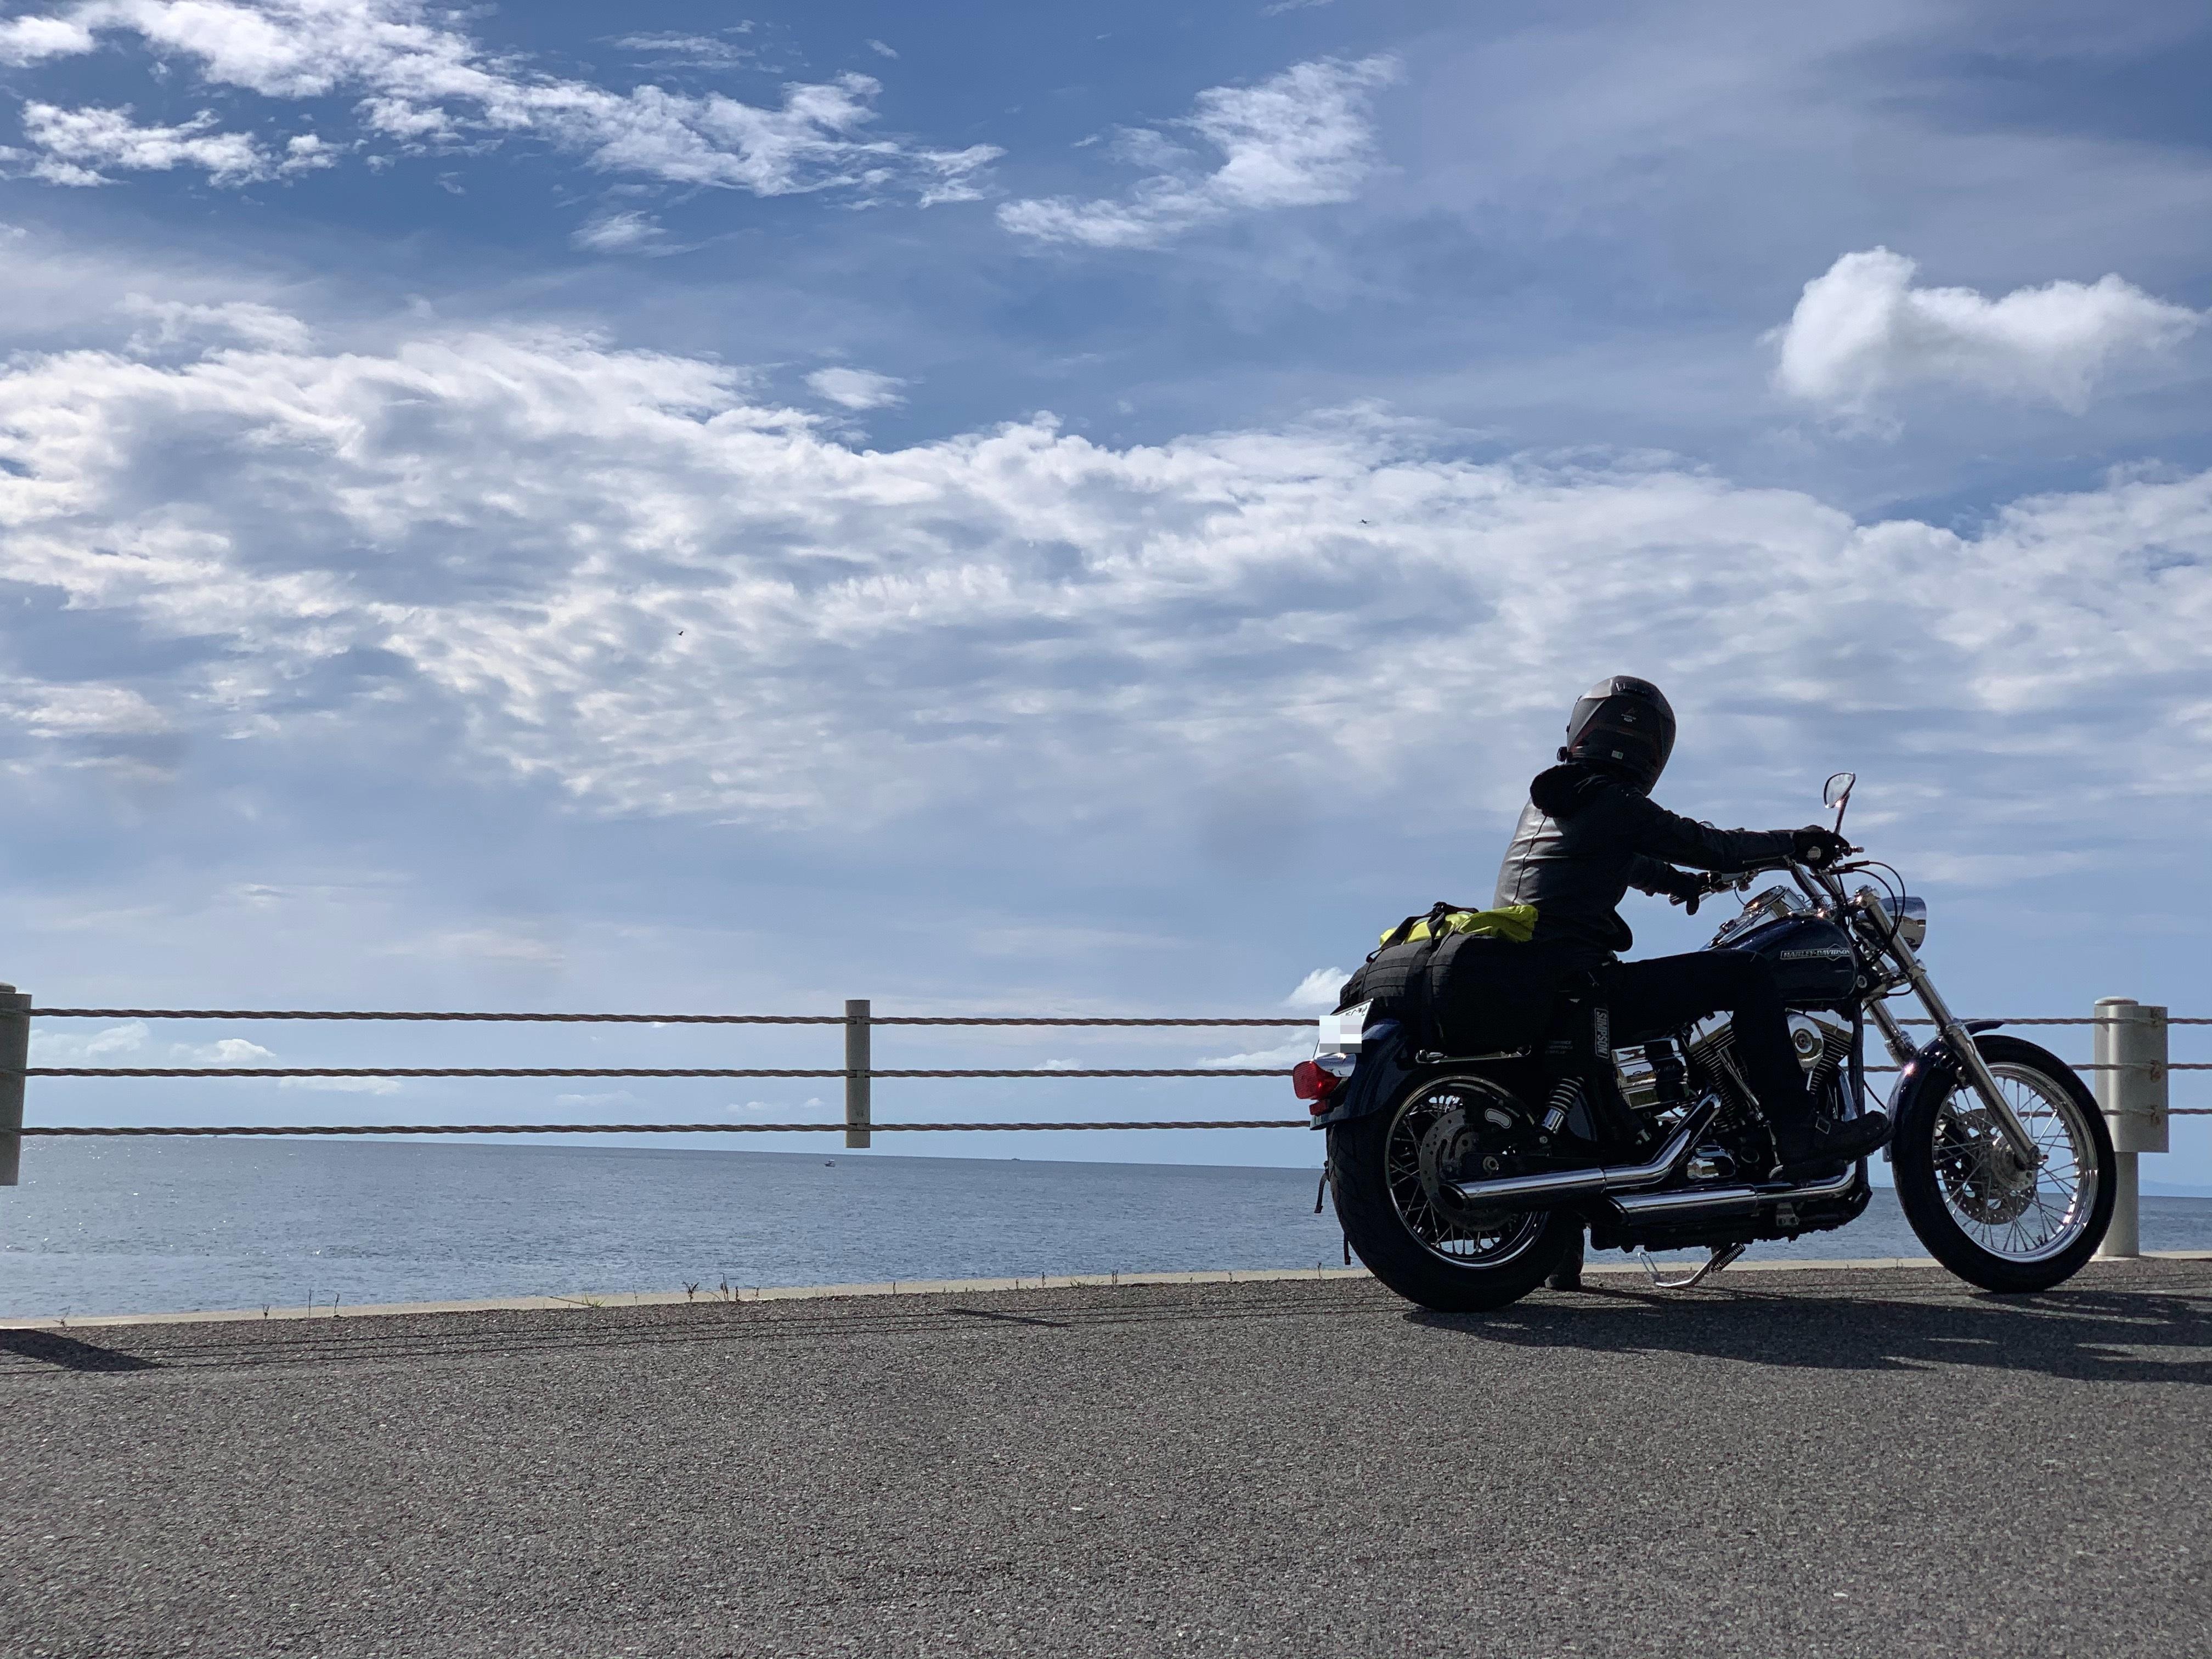 ぴーきち&ダイナ ハーレーで行く 室戸岬 ツーリング 淡路島の海岸線とぴーきち